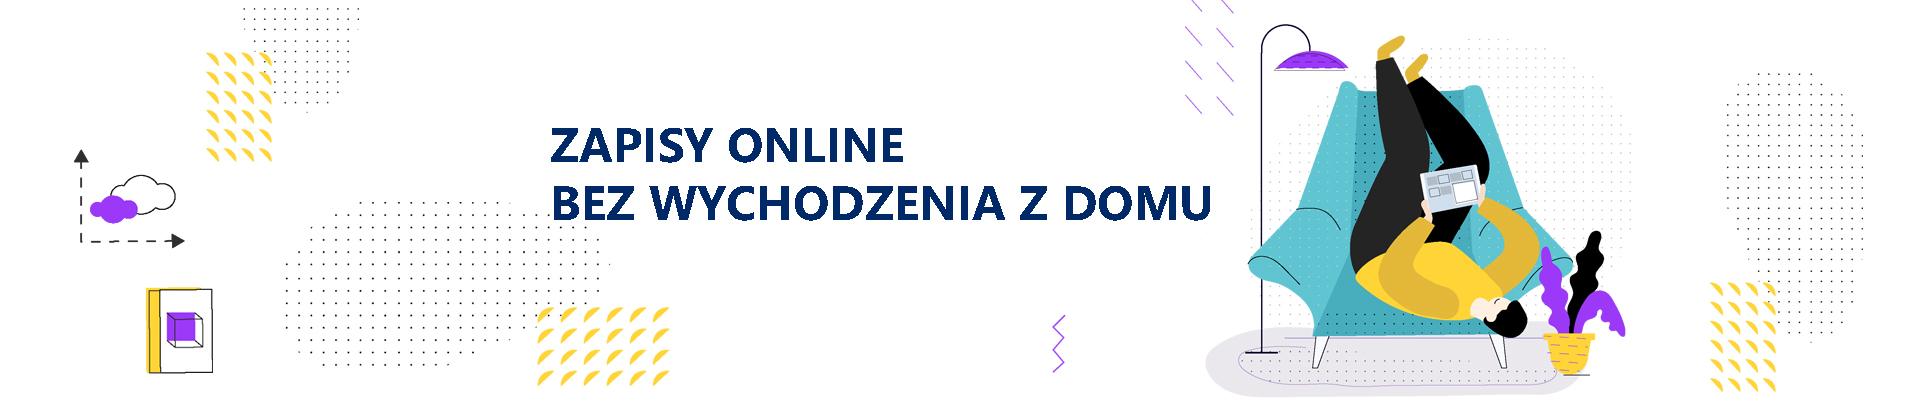 banner zapisy online bez wychodzenia z domu